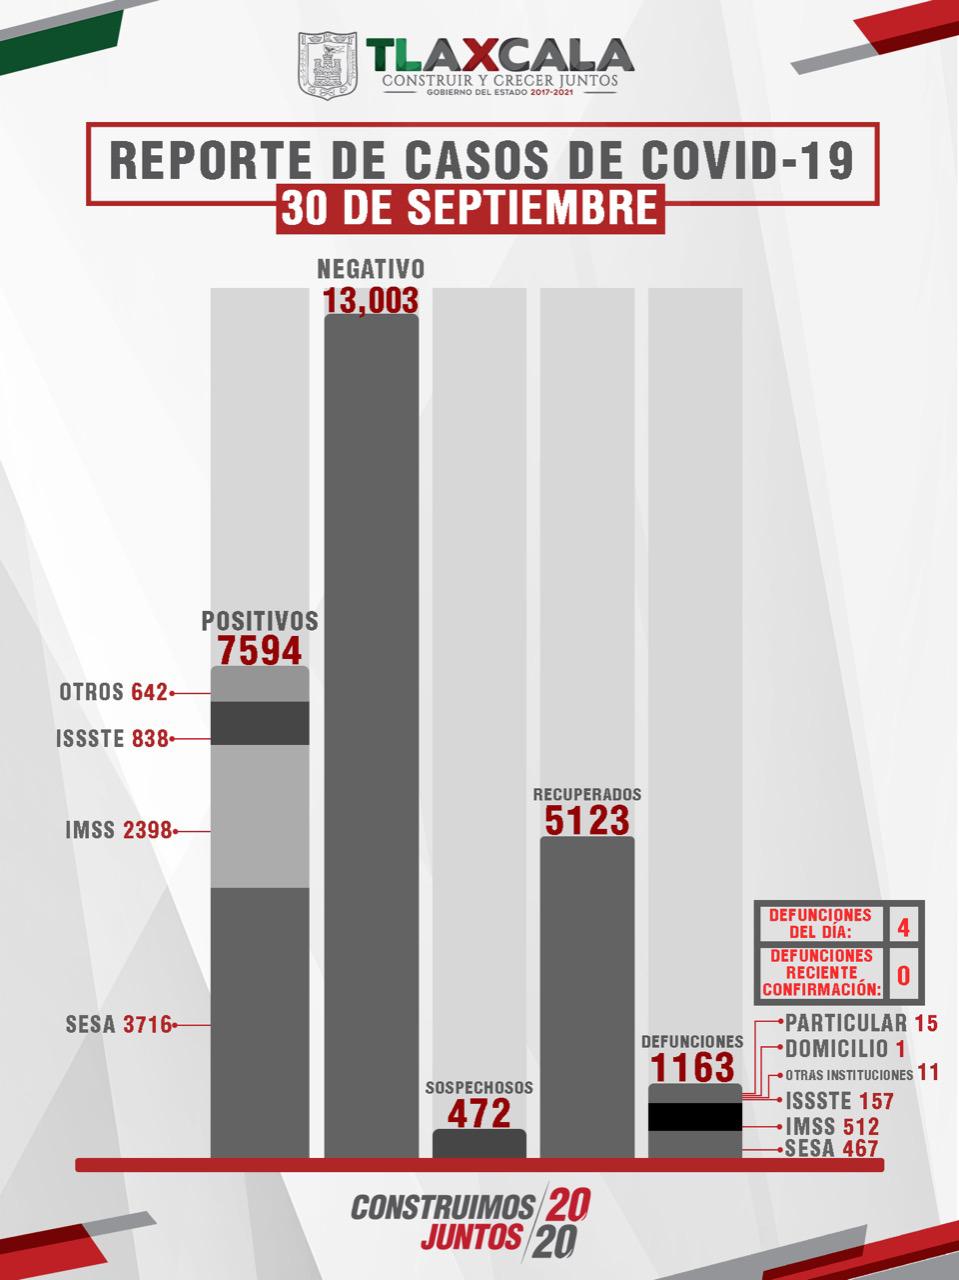 CONFIRMA SESA 19 PERSONAS RECUPERADAS, 4 DEFUNCIONES  Y 29 CASOS POSITIVOS EN TLAXCALA DE COVID-19